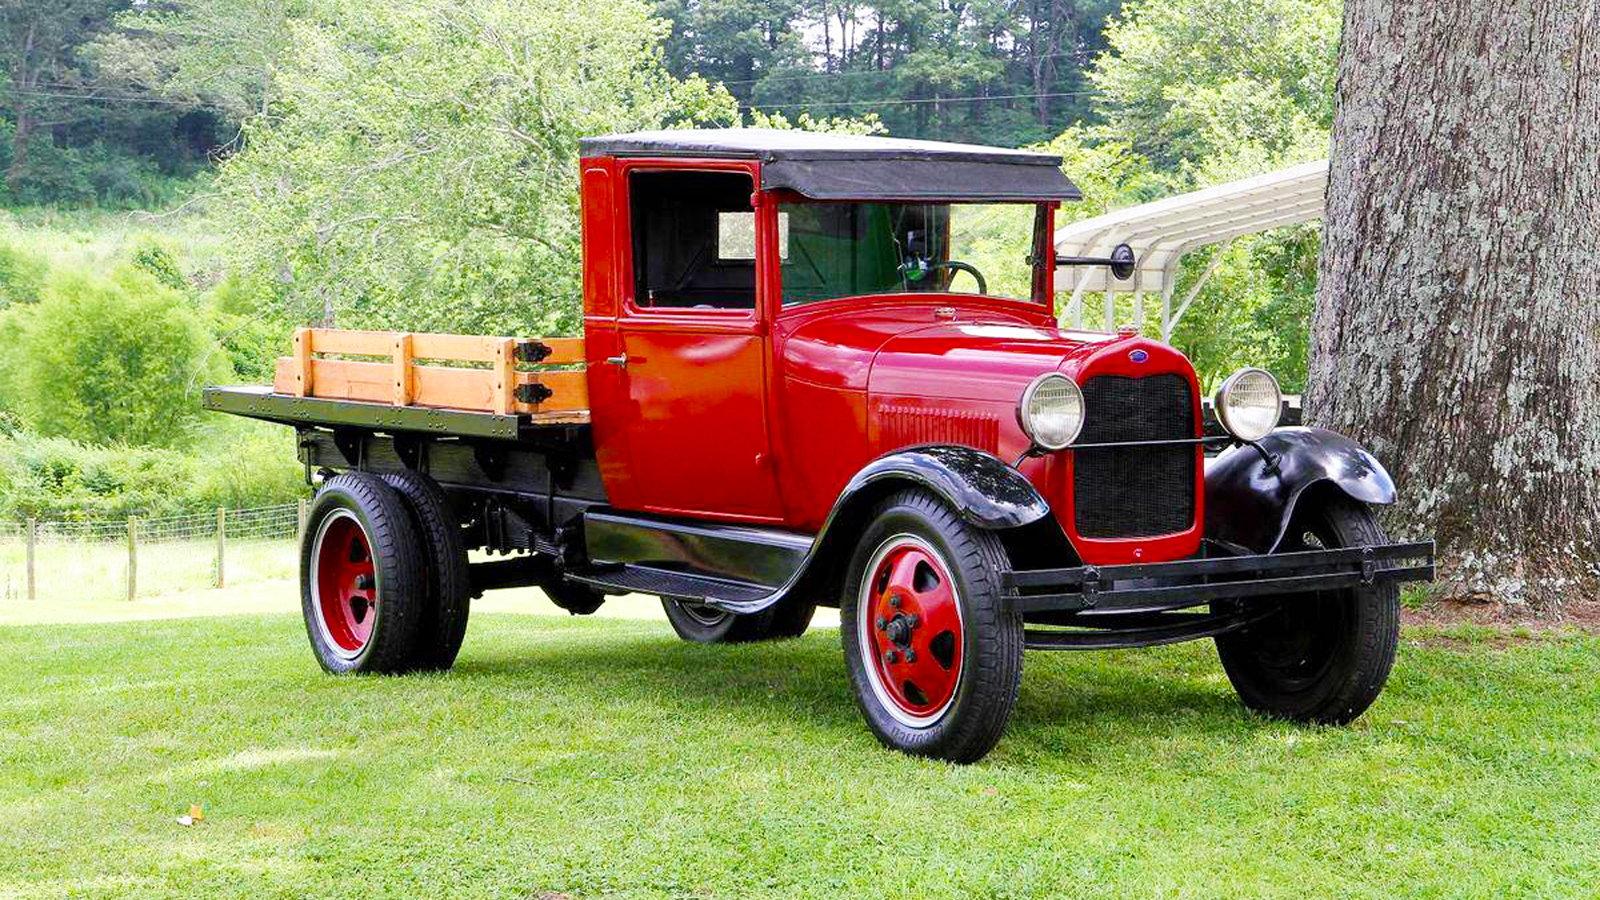 F-Series, Century, 100 years